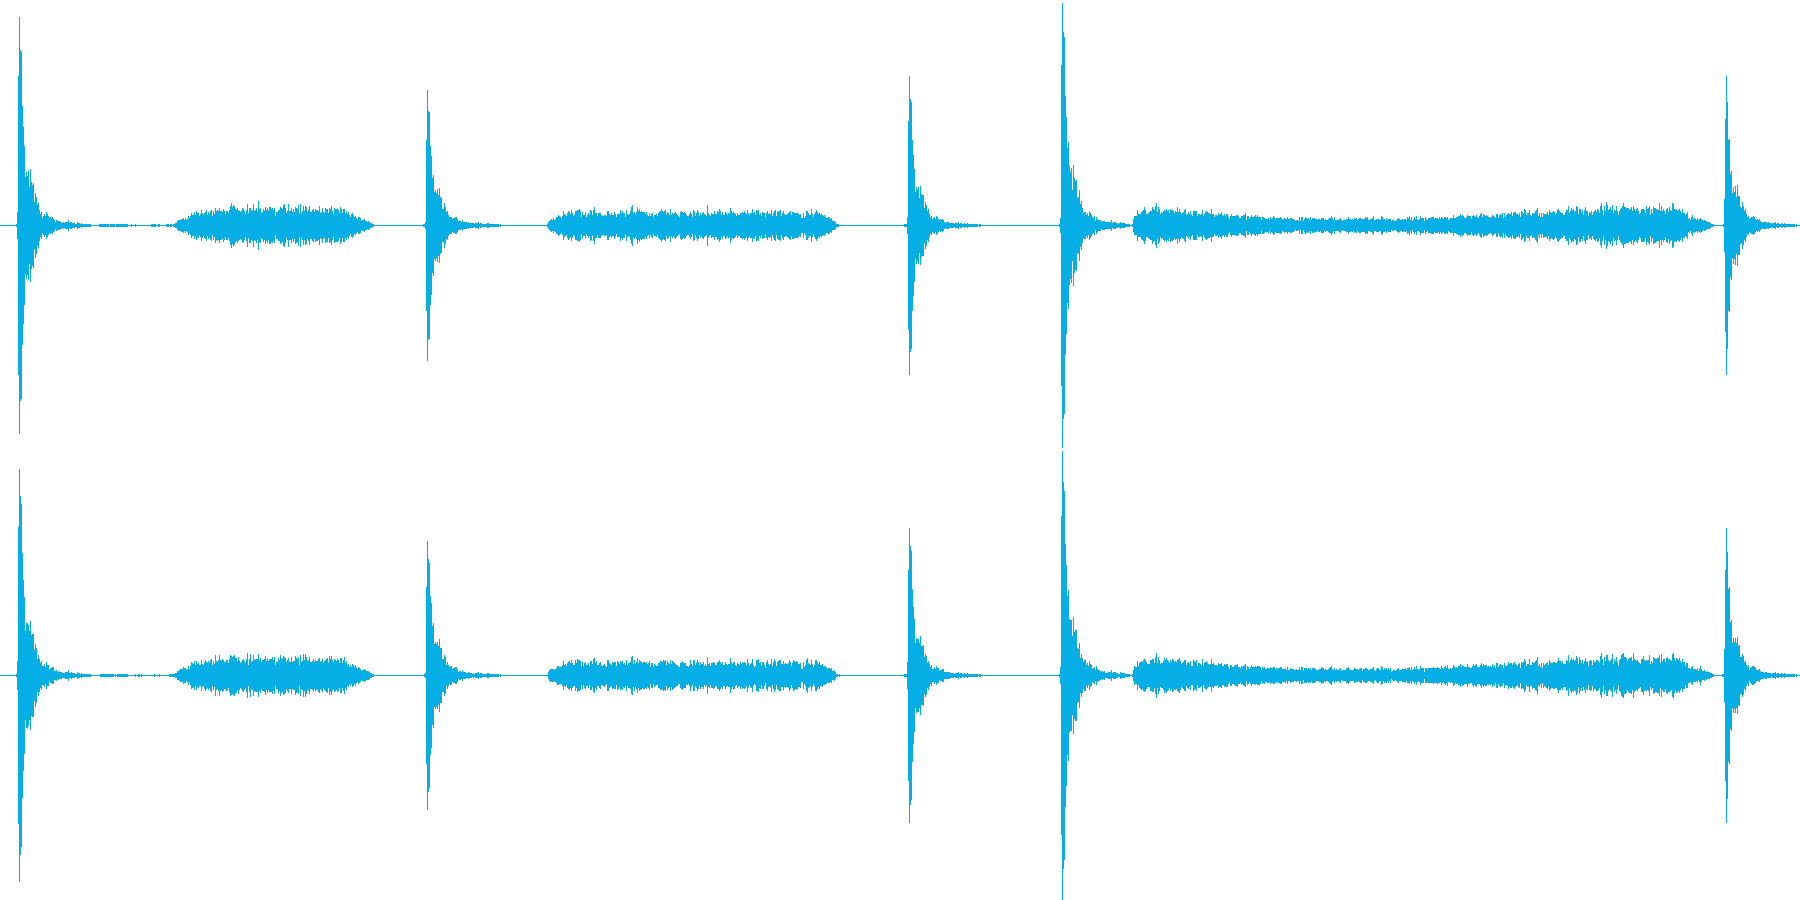 チョークで黒板に書く音の再生済みの波形